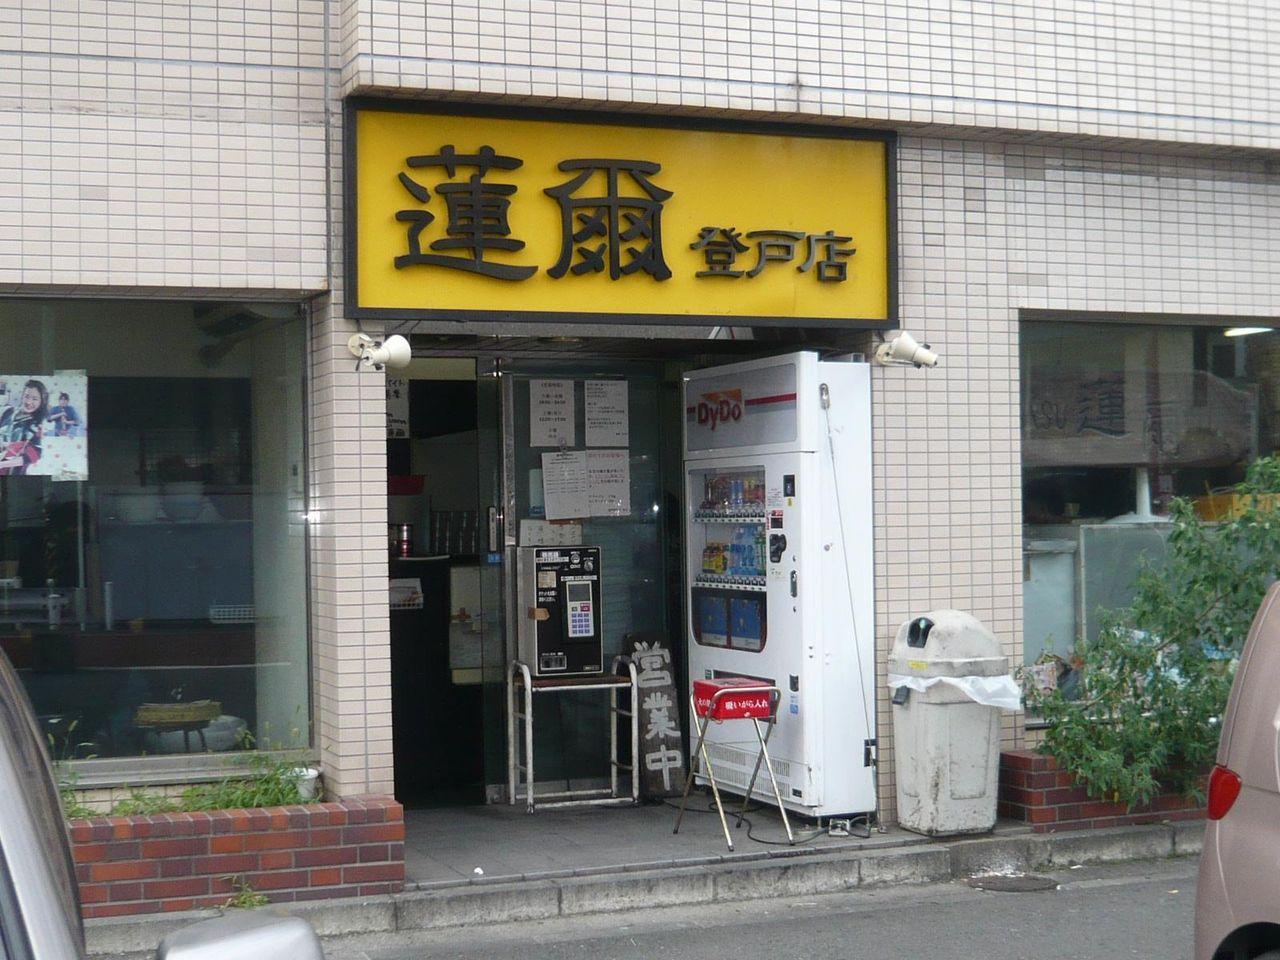 お店の向かいにコインPがあります。